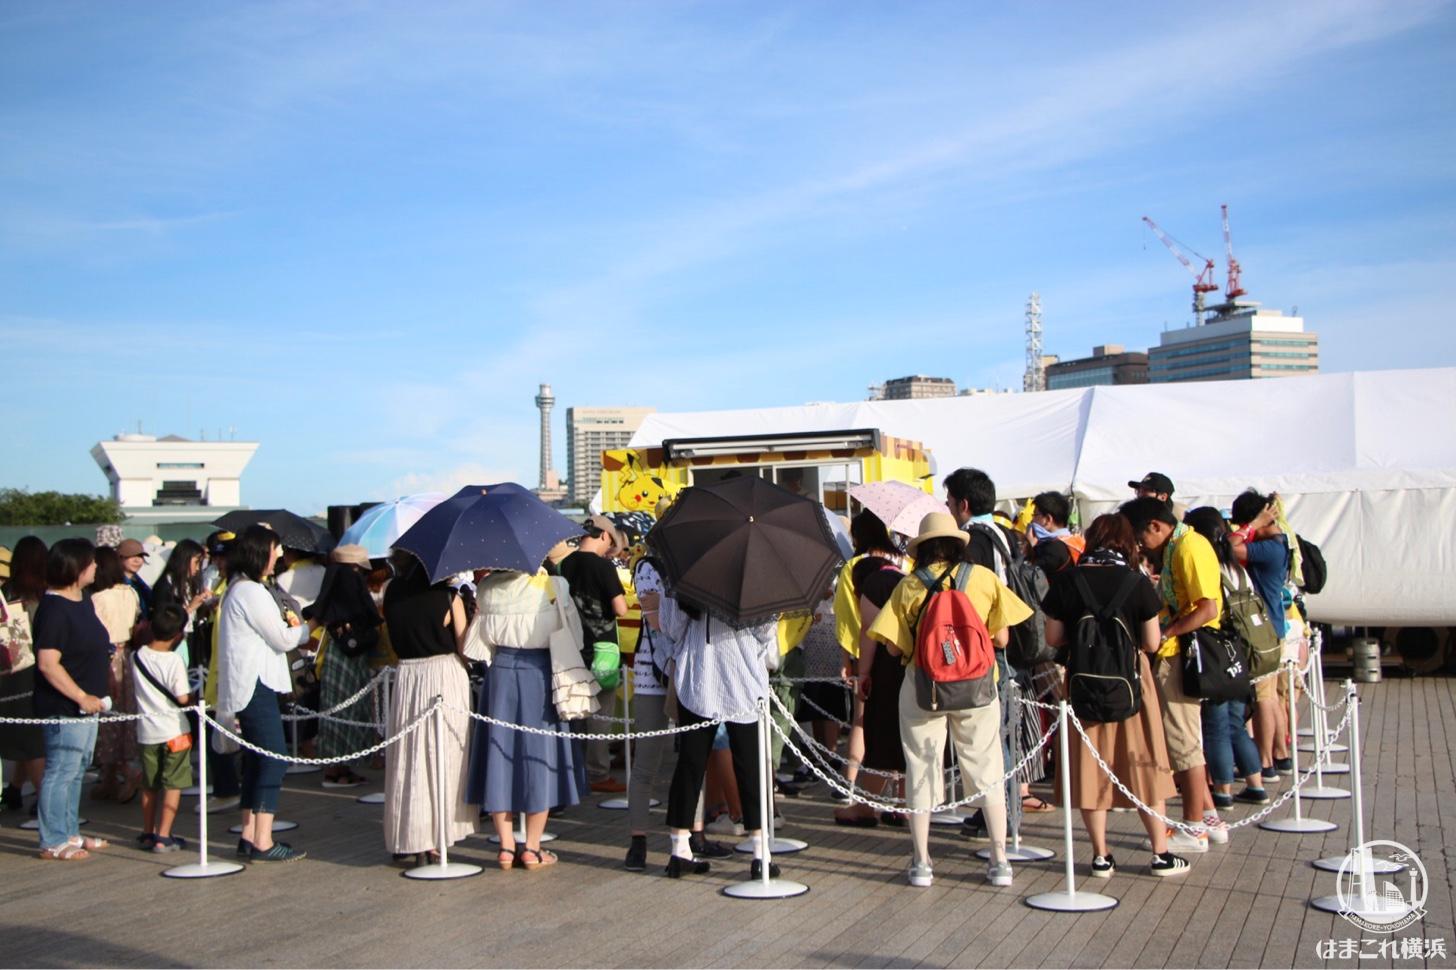 横浜赤レンガ倉庫 キッチンカー ポケモンカフェ行列